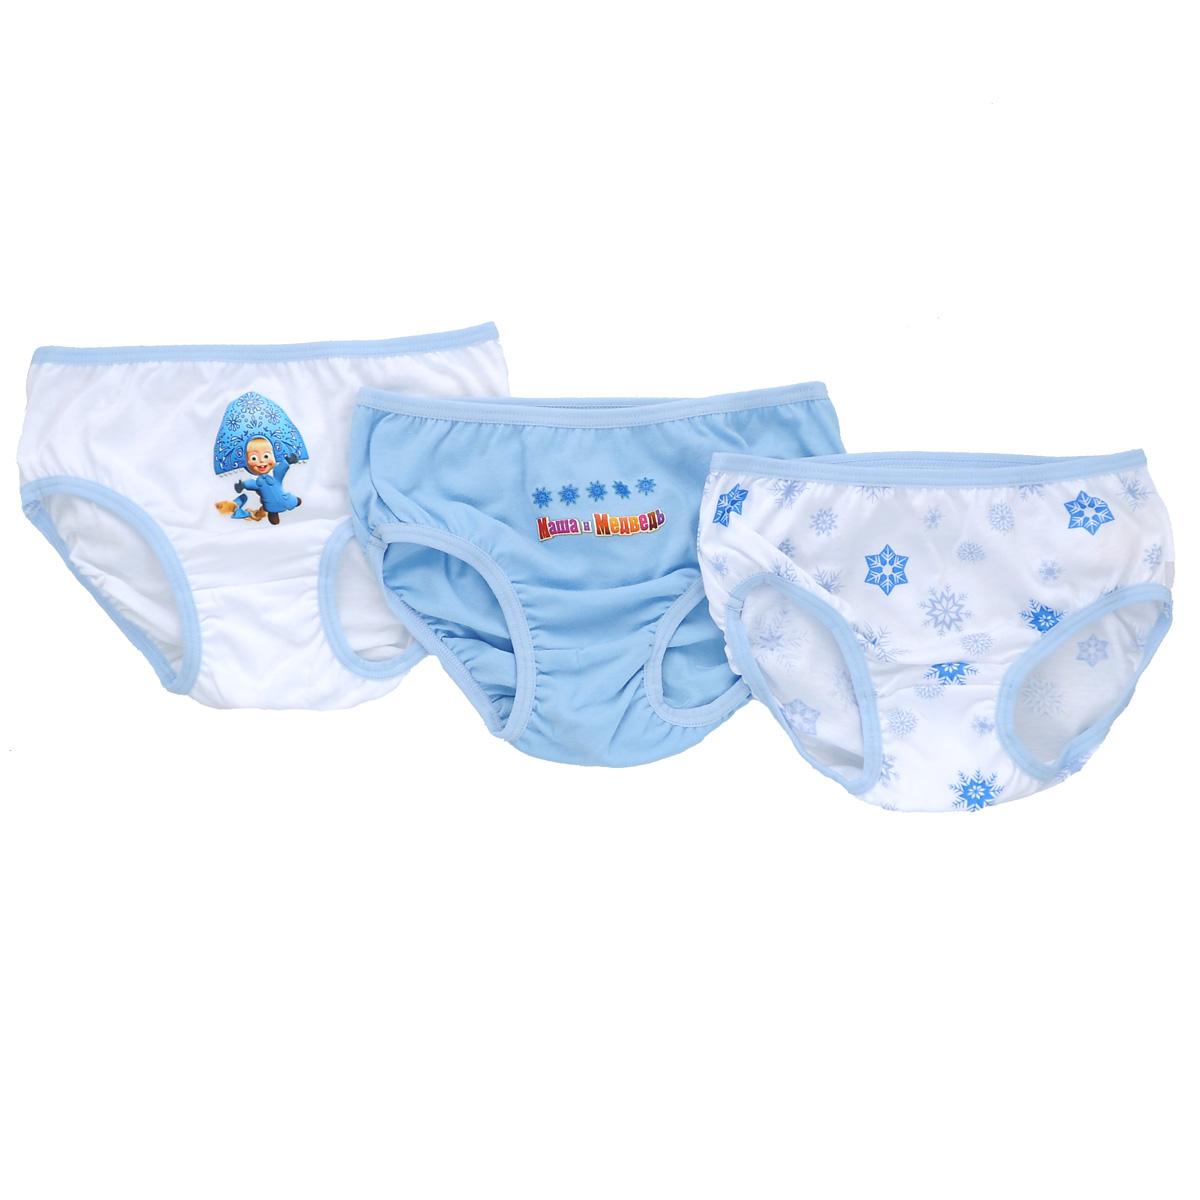 Комплект трусов для девочки Lowry Маша и Медведь, цвет: голубой, белый, 3 шт. GP-258. Размер 26 (XS), 2 года